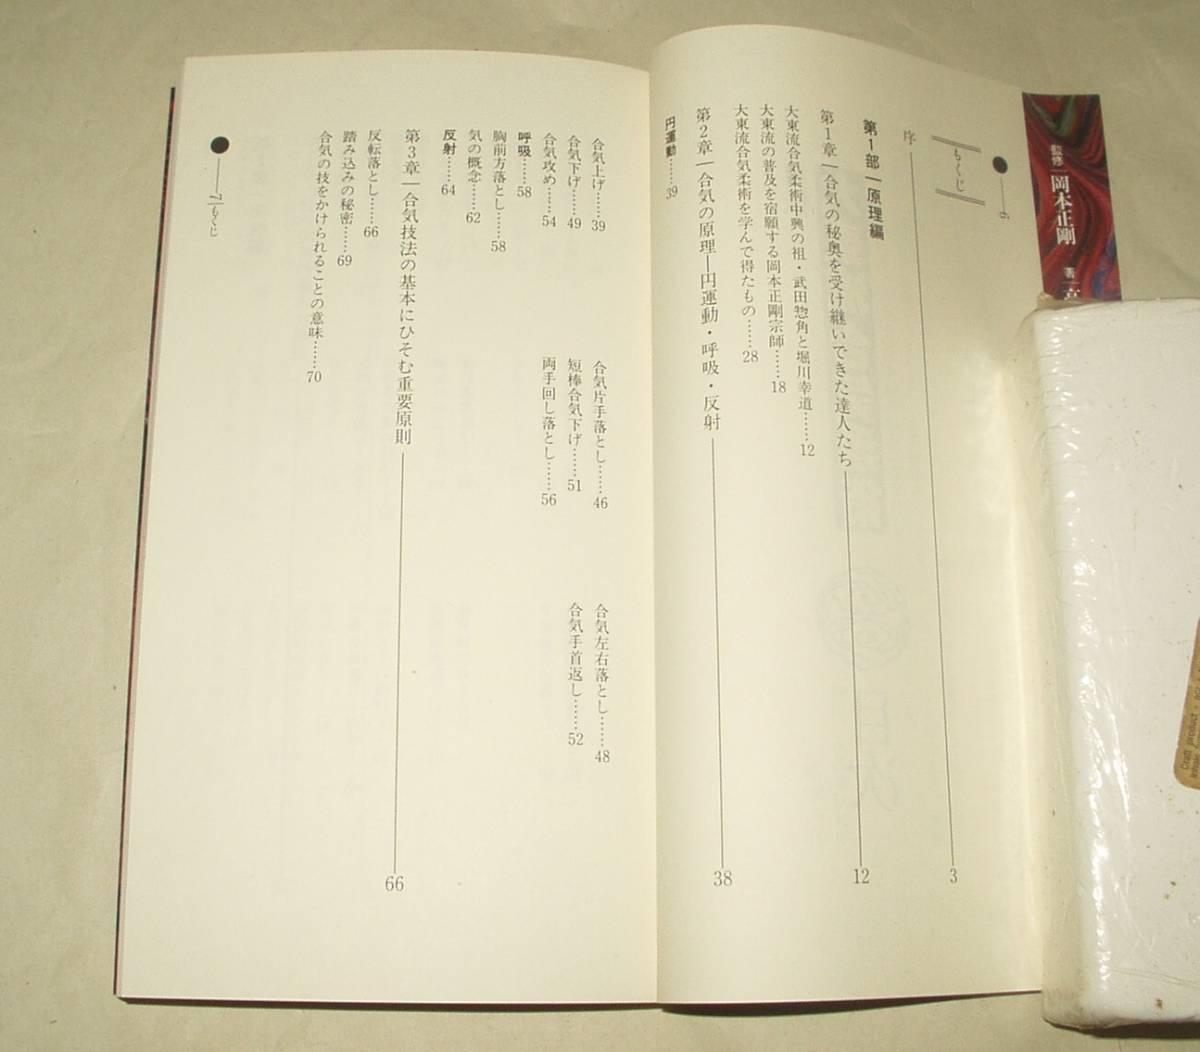 学研 奥伝 大東流合気柔術 岡本正剛 高木一行 VHSソフトと書籍のセット品_画像5